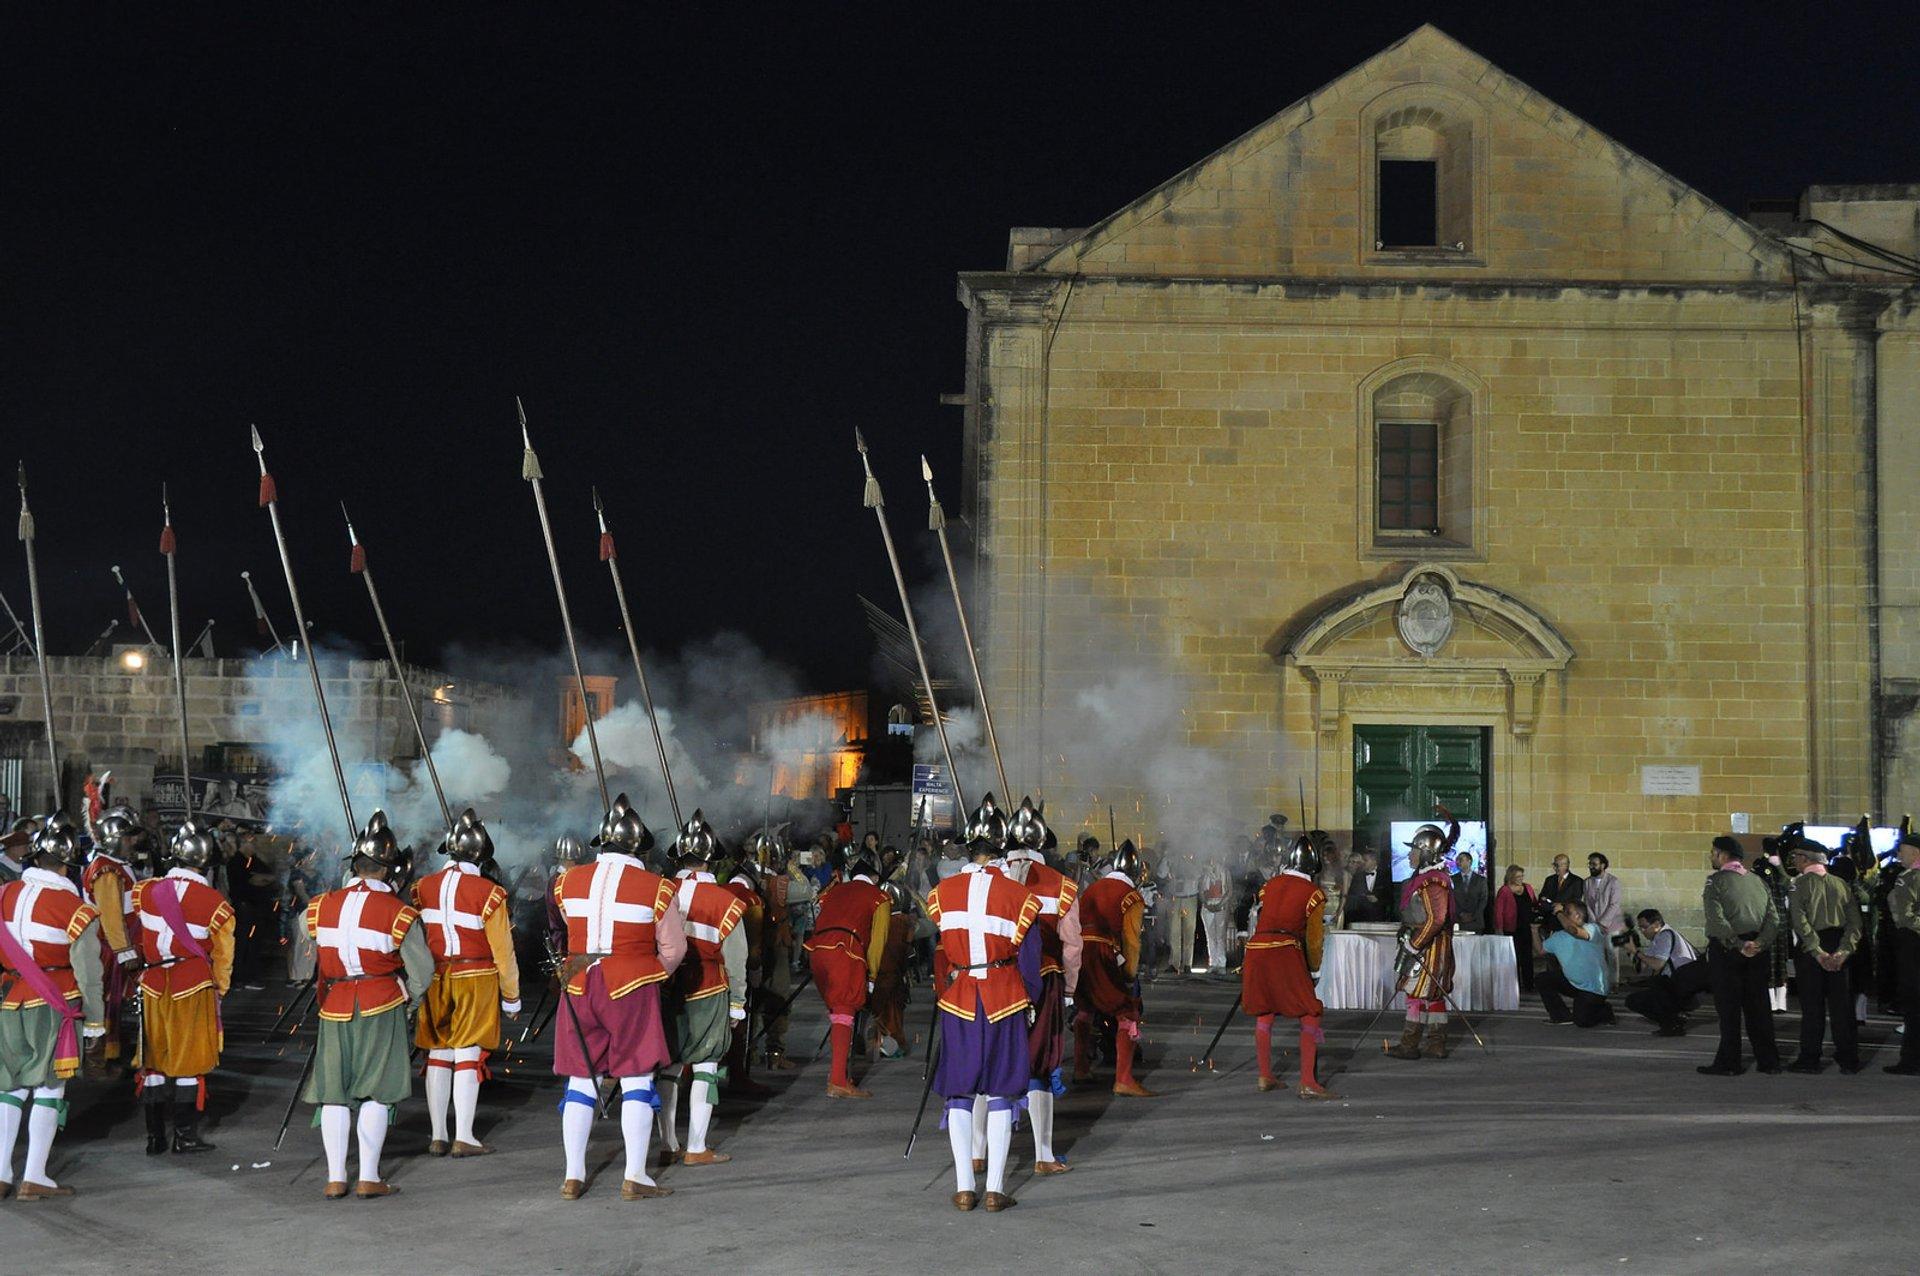 Notte Bianca in Malta - Best Season 2020